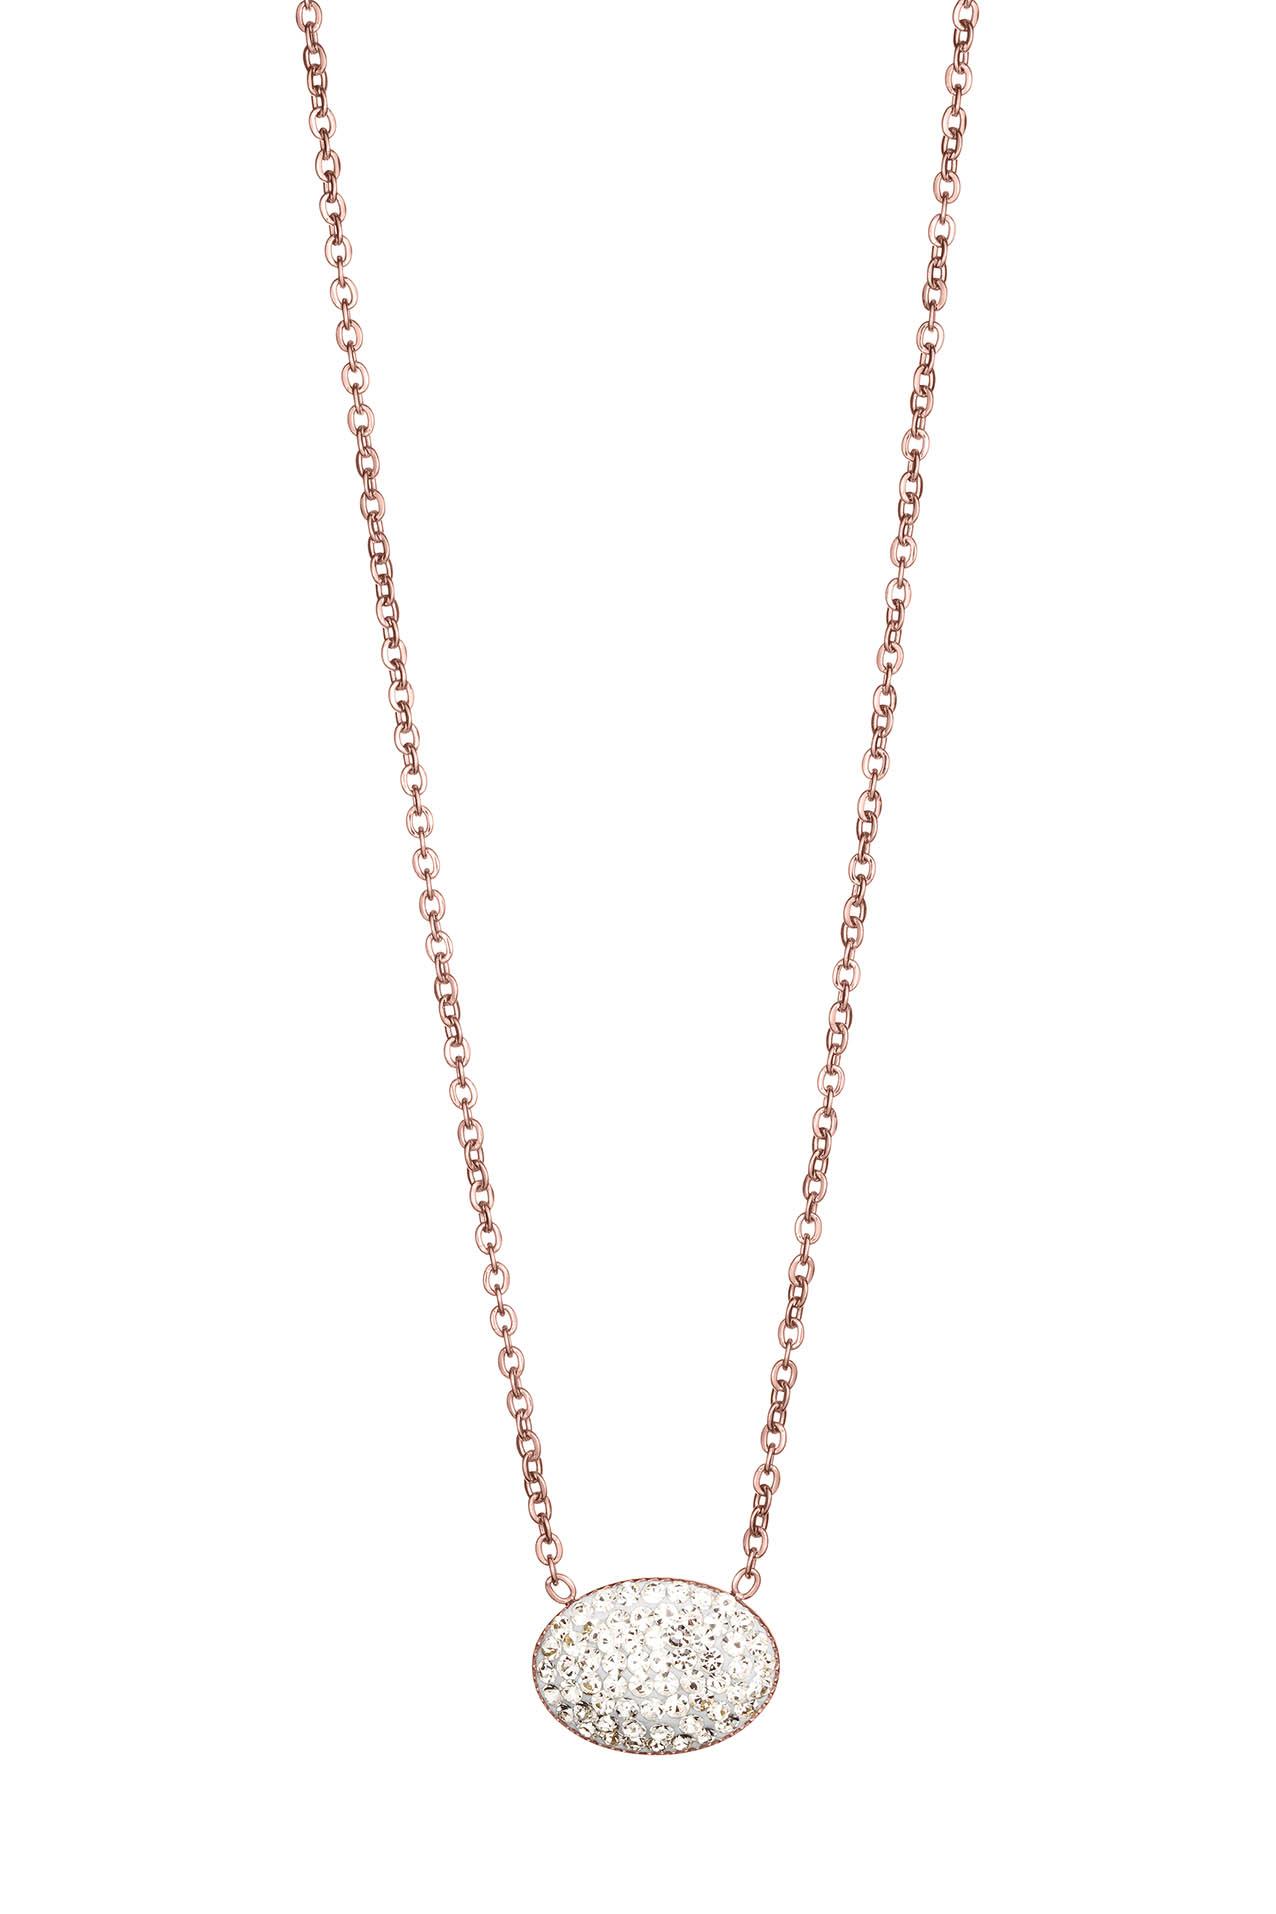 Náhrdelník QUDO, GENUA ružovozlatý - Swarovski kryštáľ